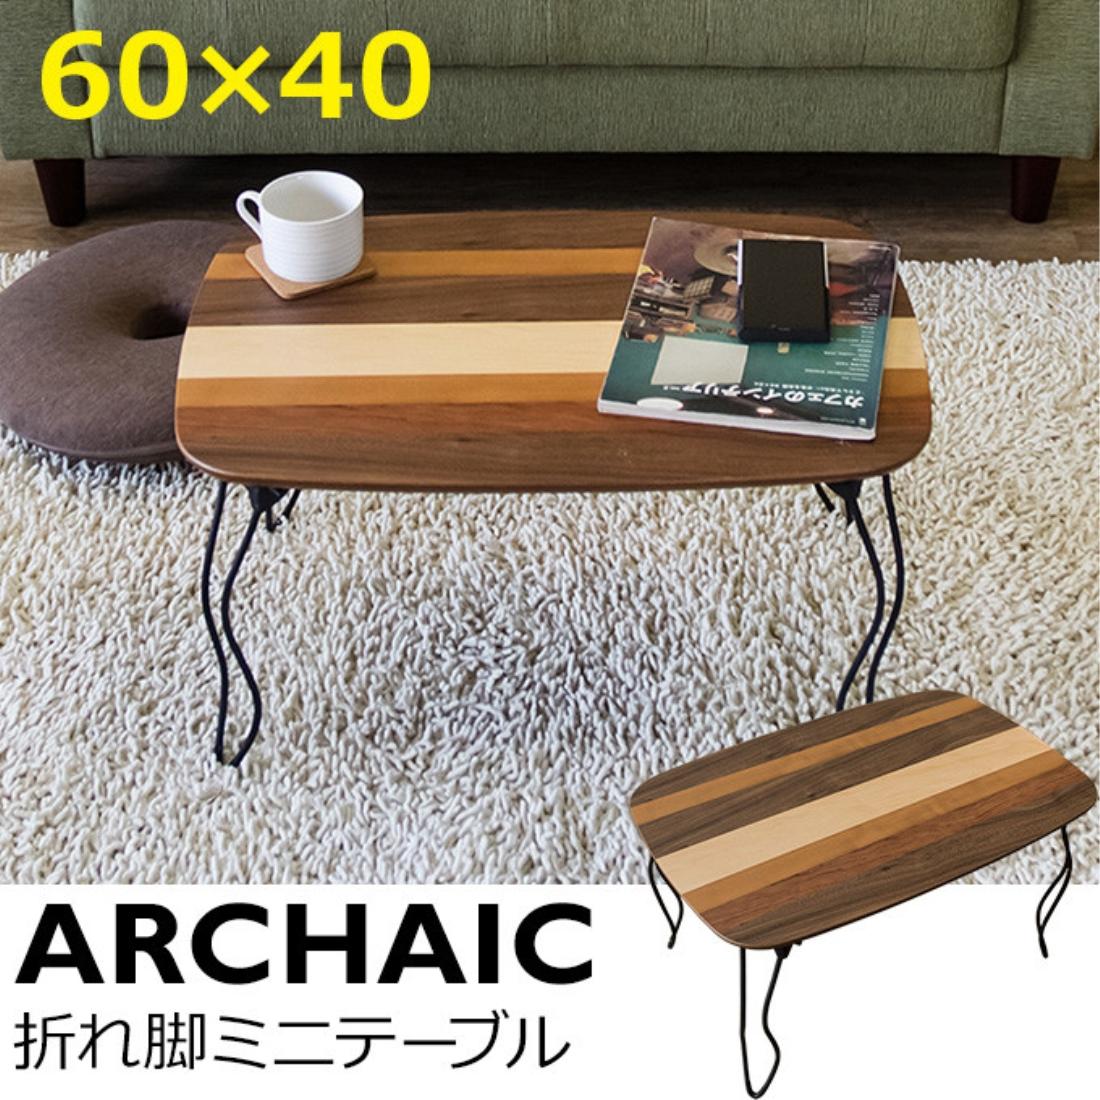 インテリア 家具 机 テーブル ARCHAIC折れ脚ミニテーブル